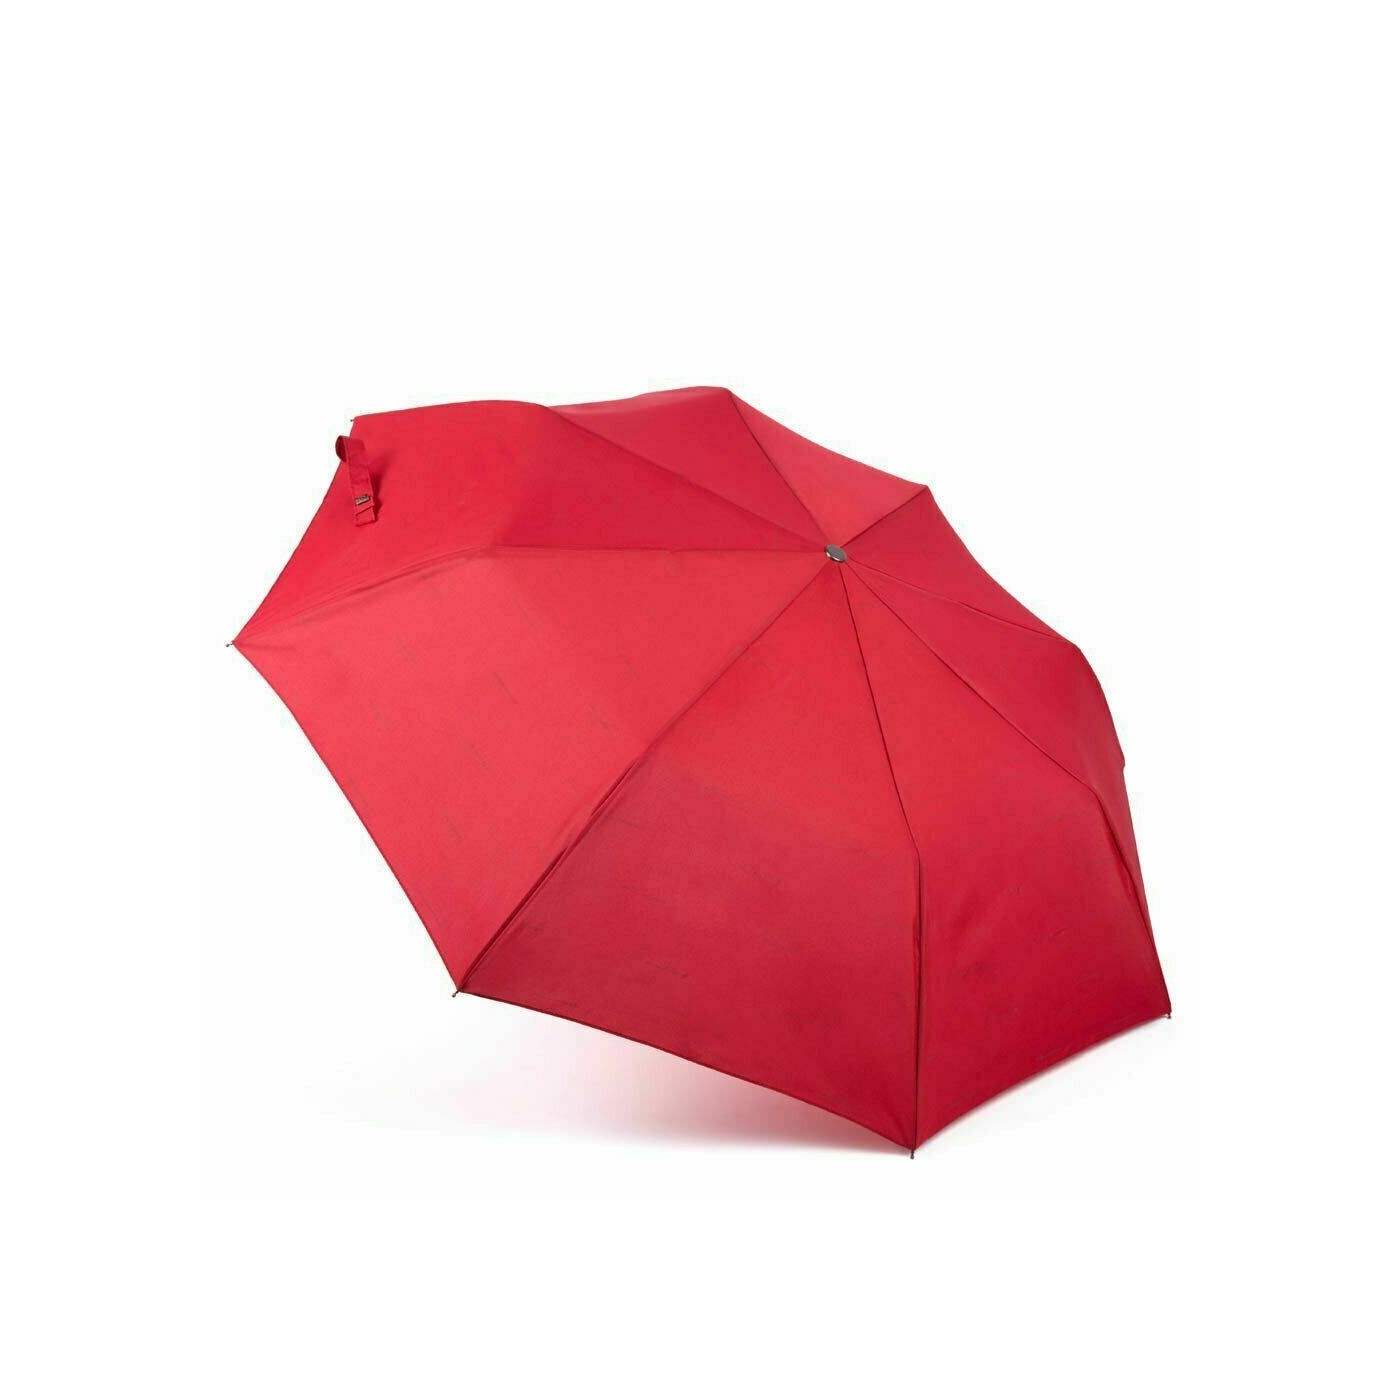 PIQUADRO Stationery ombrello pieghevole automatico rosso